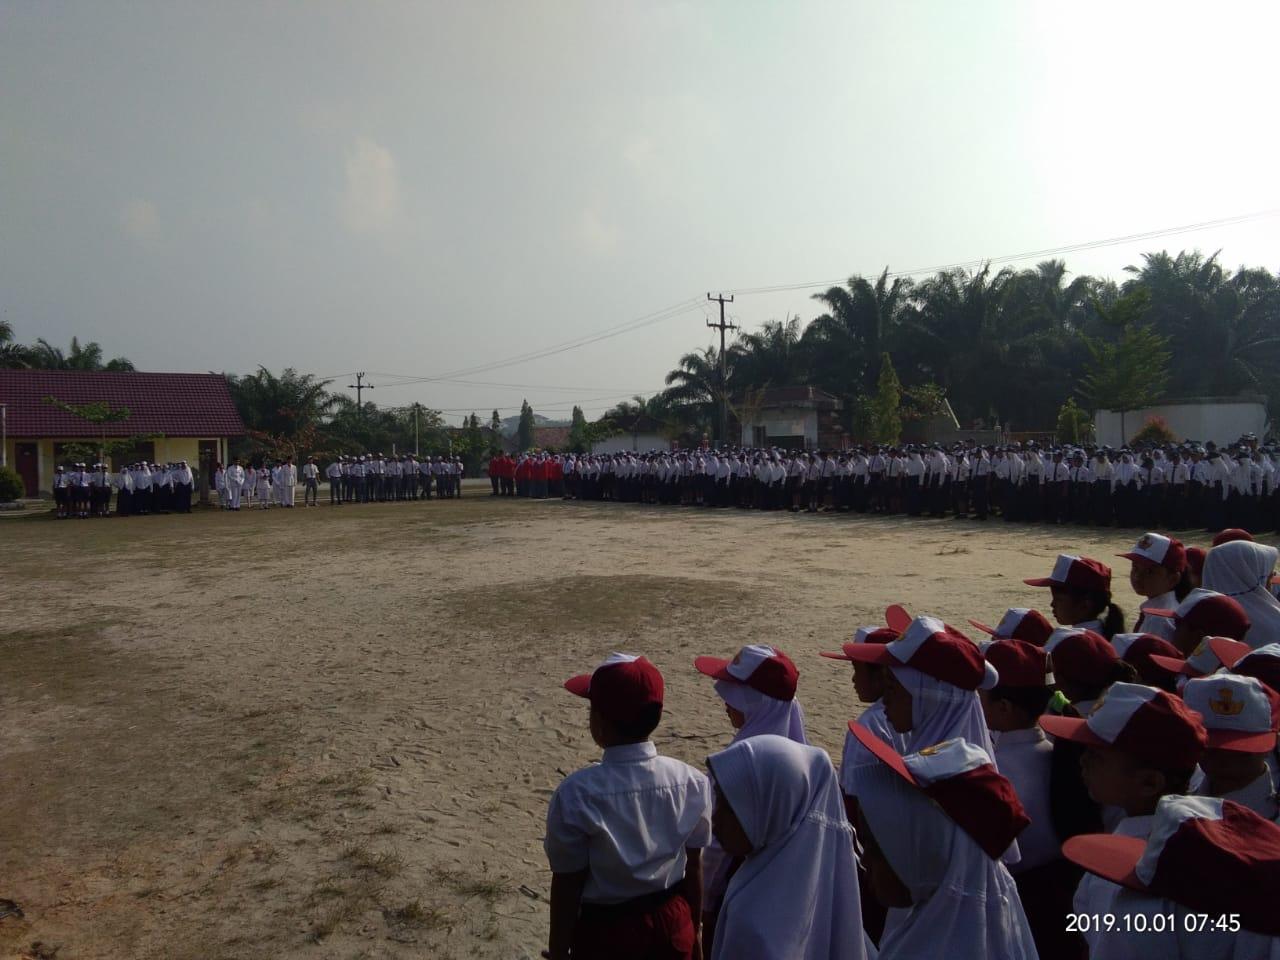 sekolah-se-desa-srimulyo-gelar-upacara-gabungan-harus-semangat-isi-kemerdekaan-muba13s51569901181.jpg